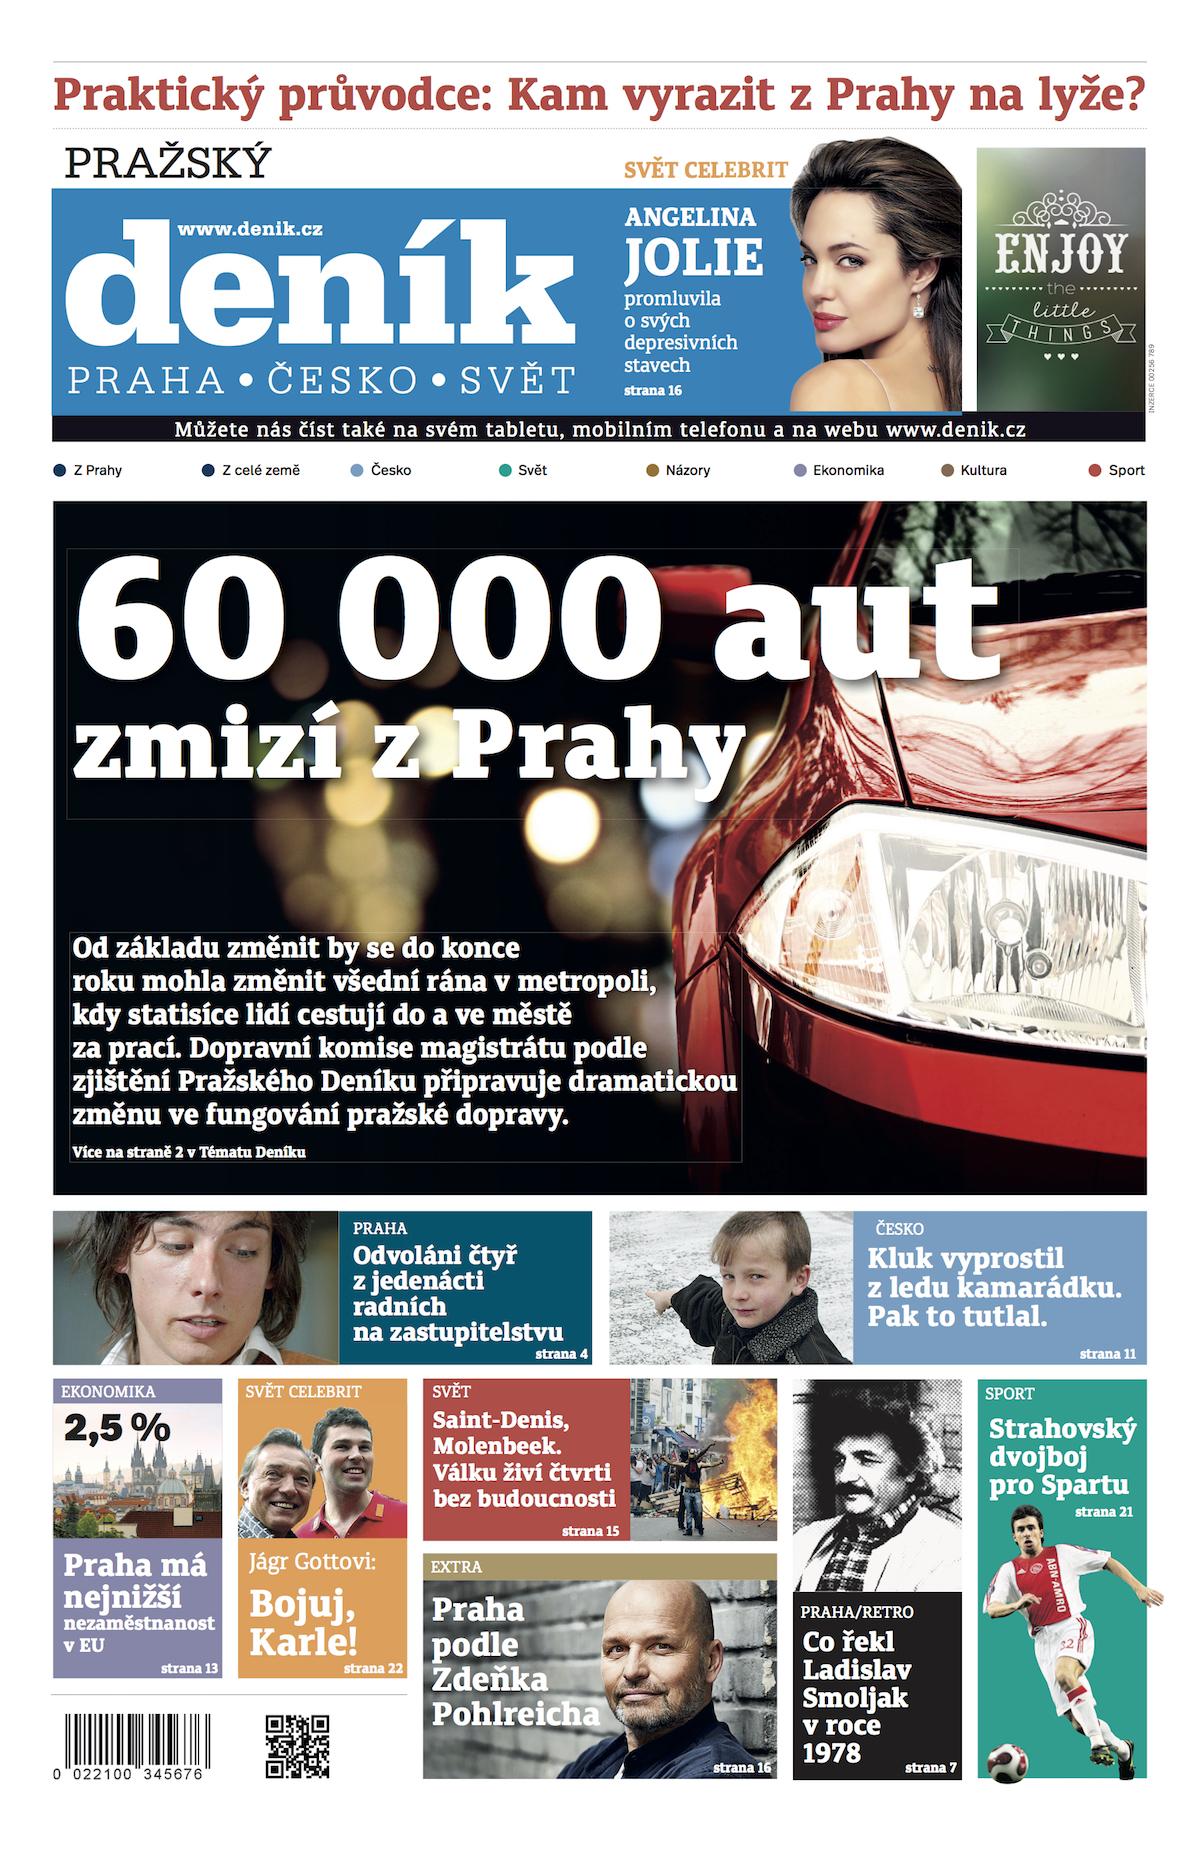 Maketa nová podoby Pražského deníku od Jiřího Buška